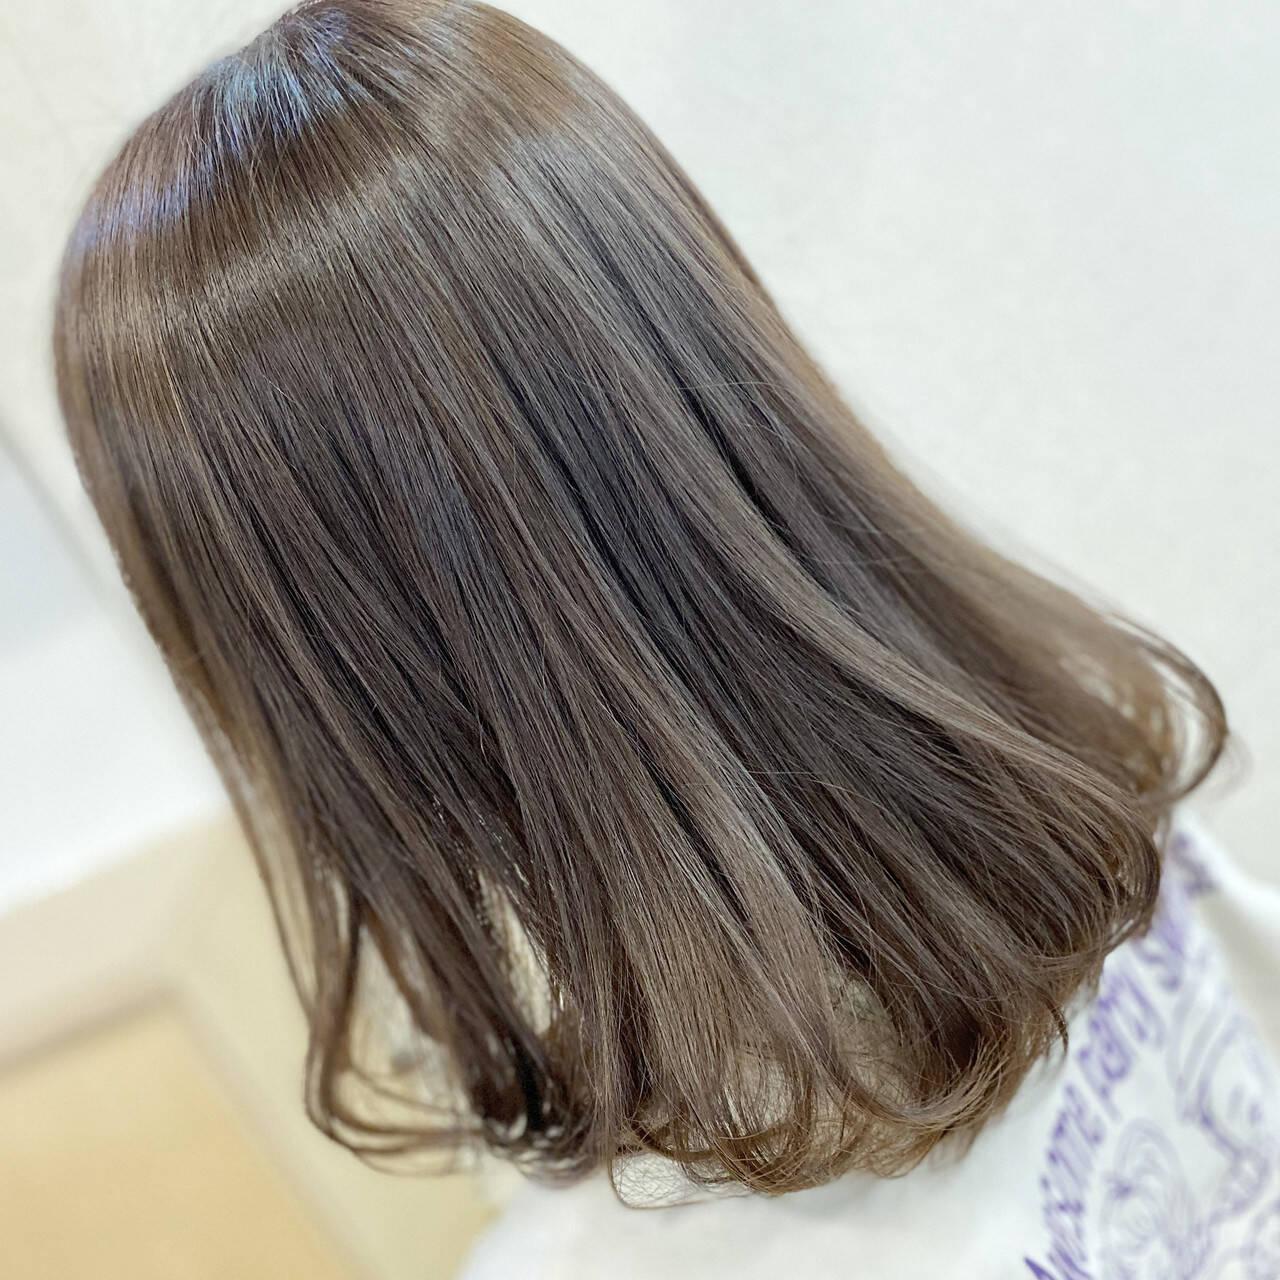 ガーリー セミロング 艶髪 ミルクティーグレージュヘアスタイルや髪型の写真・画像